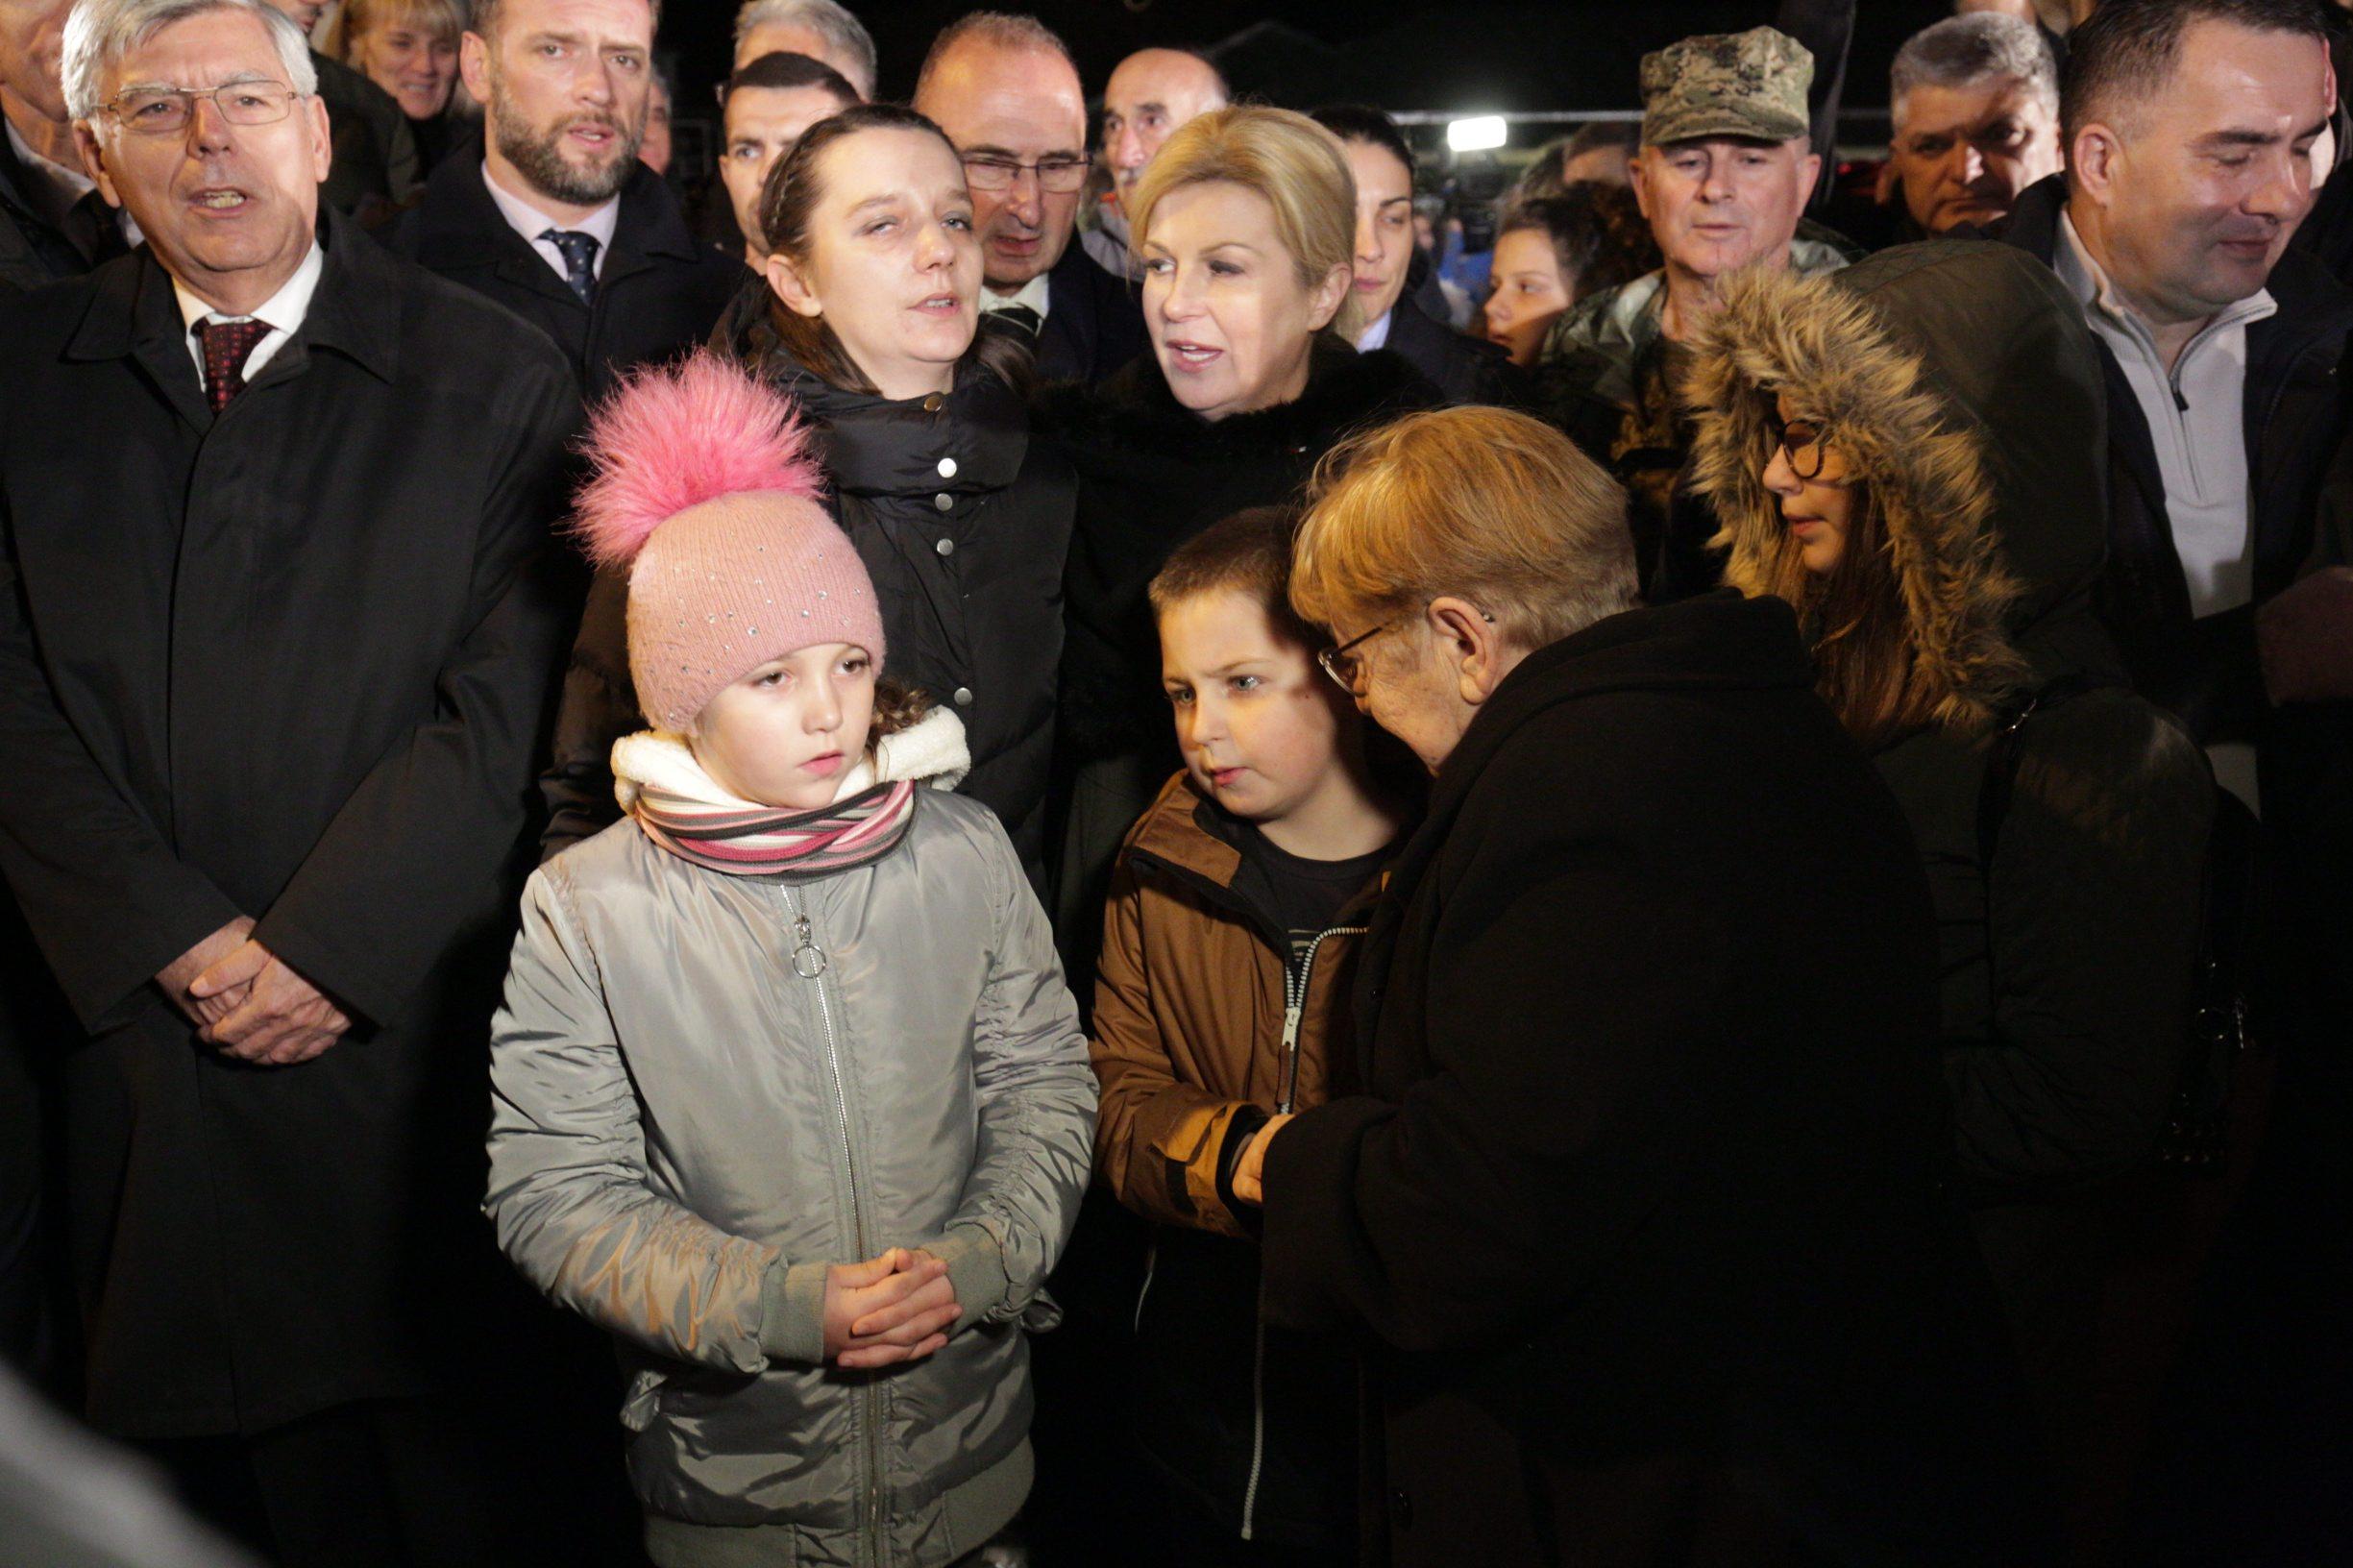 Vukovar, 171119.  Dan sjecanja na zrtvu Vukovara. Paljene svijeca u dvoristu vukovarske bolnice. Na fotografiji: Na fotografiji: Kolinda Grabar Kitarevic, Zeljka Mitrovic Juric, dr. Vesna Bosanac. Foto: Vlado Kos / CROPIX